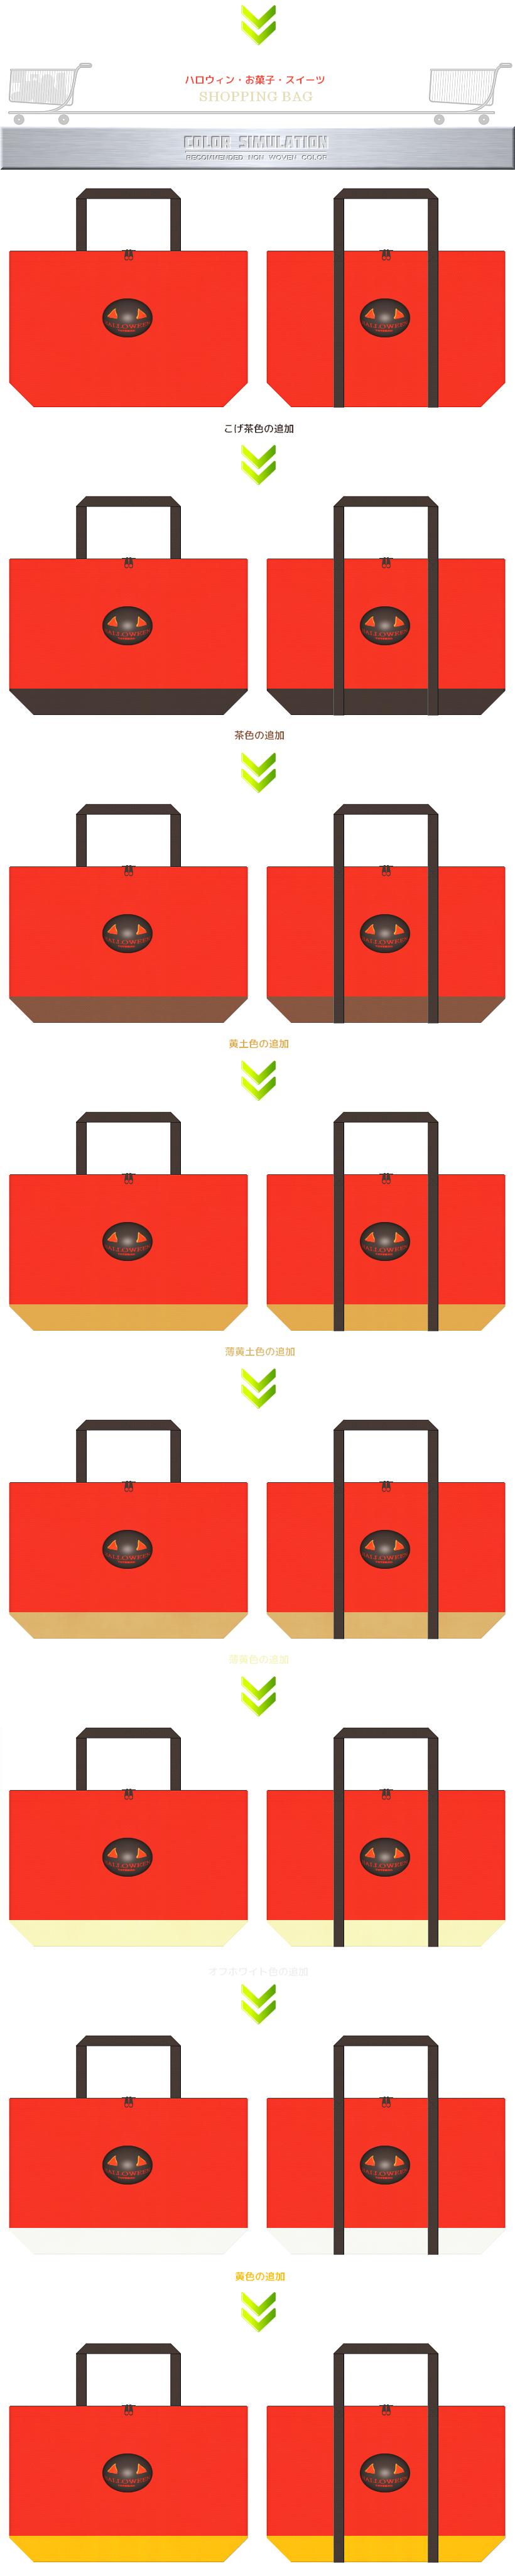 オレンジ色メインの不織布ショッピングバッグのデザイン:お菓子・スイーツ・ハロウィンのショッピングバッグ